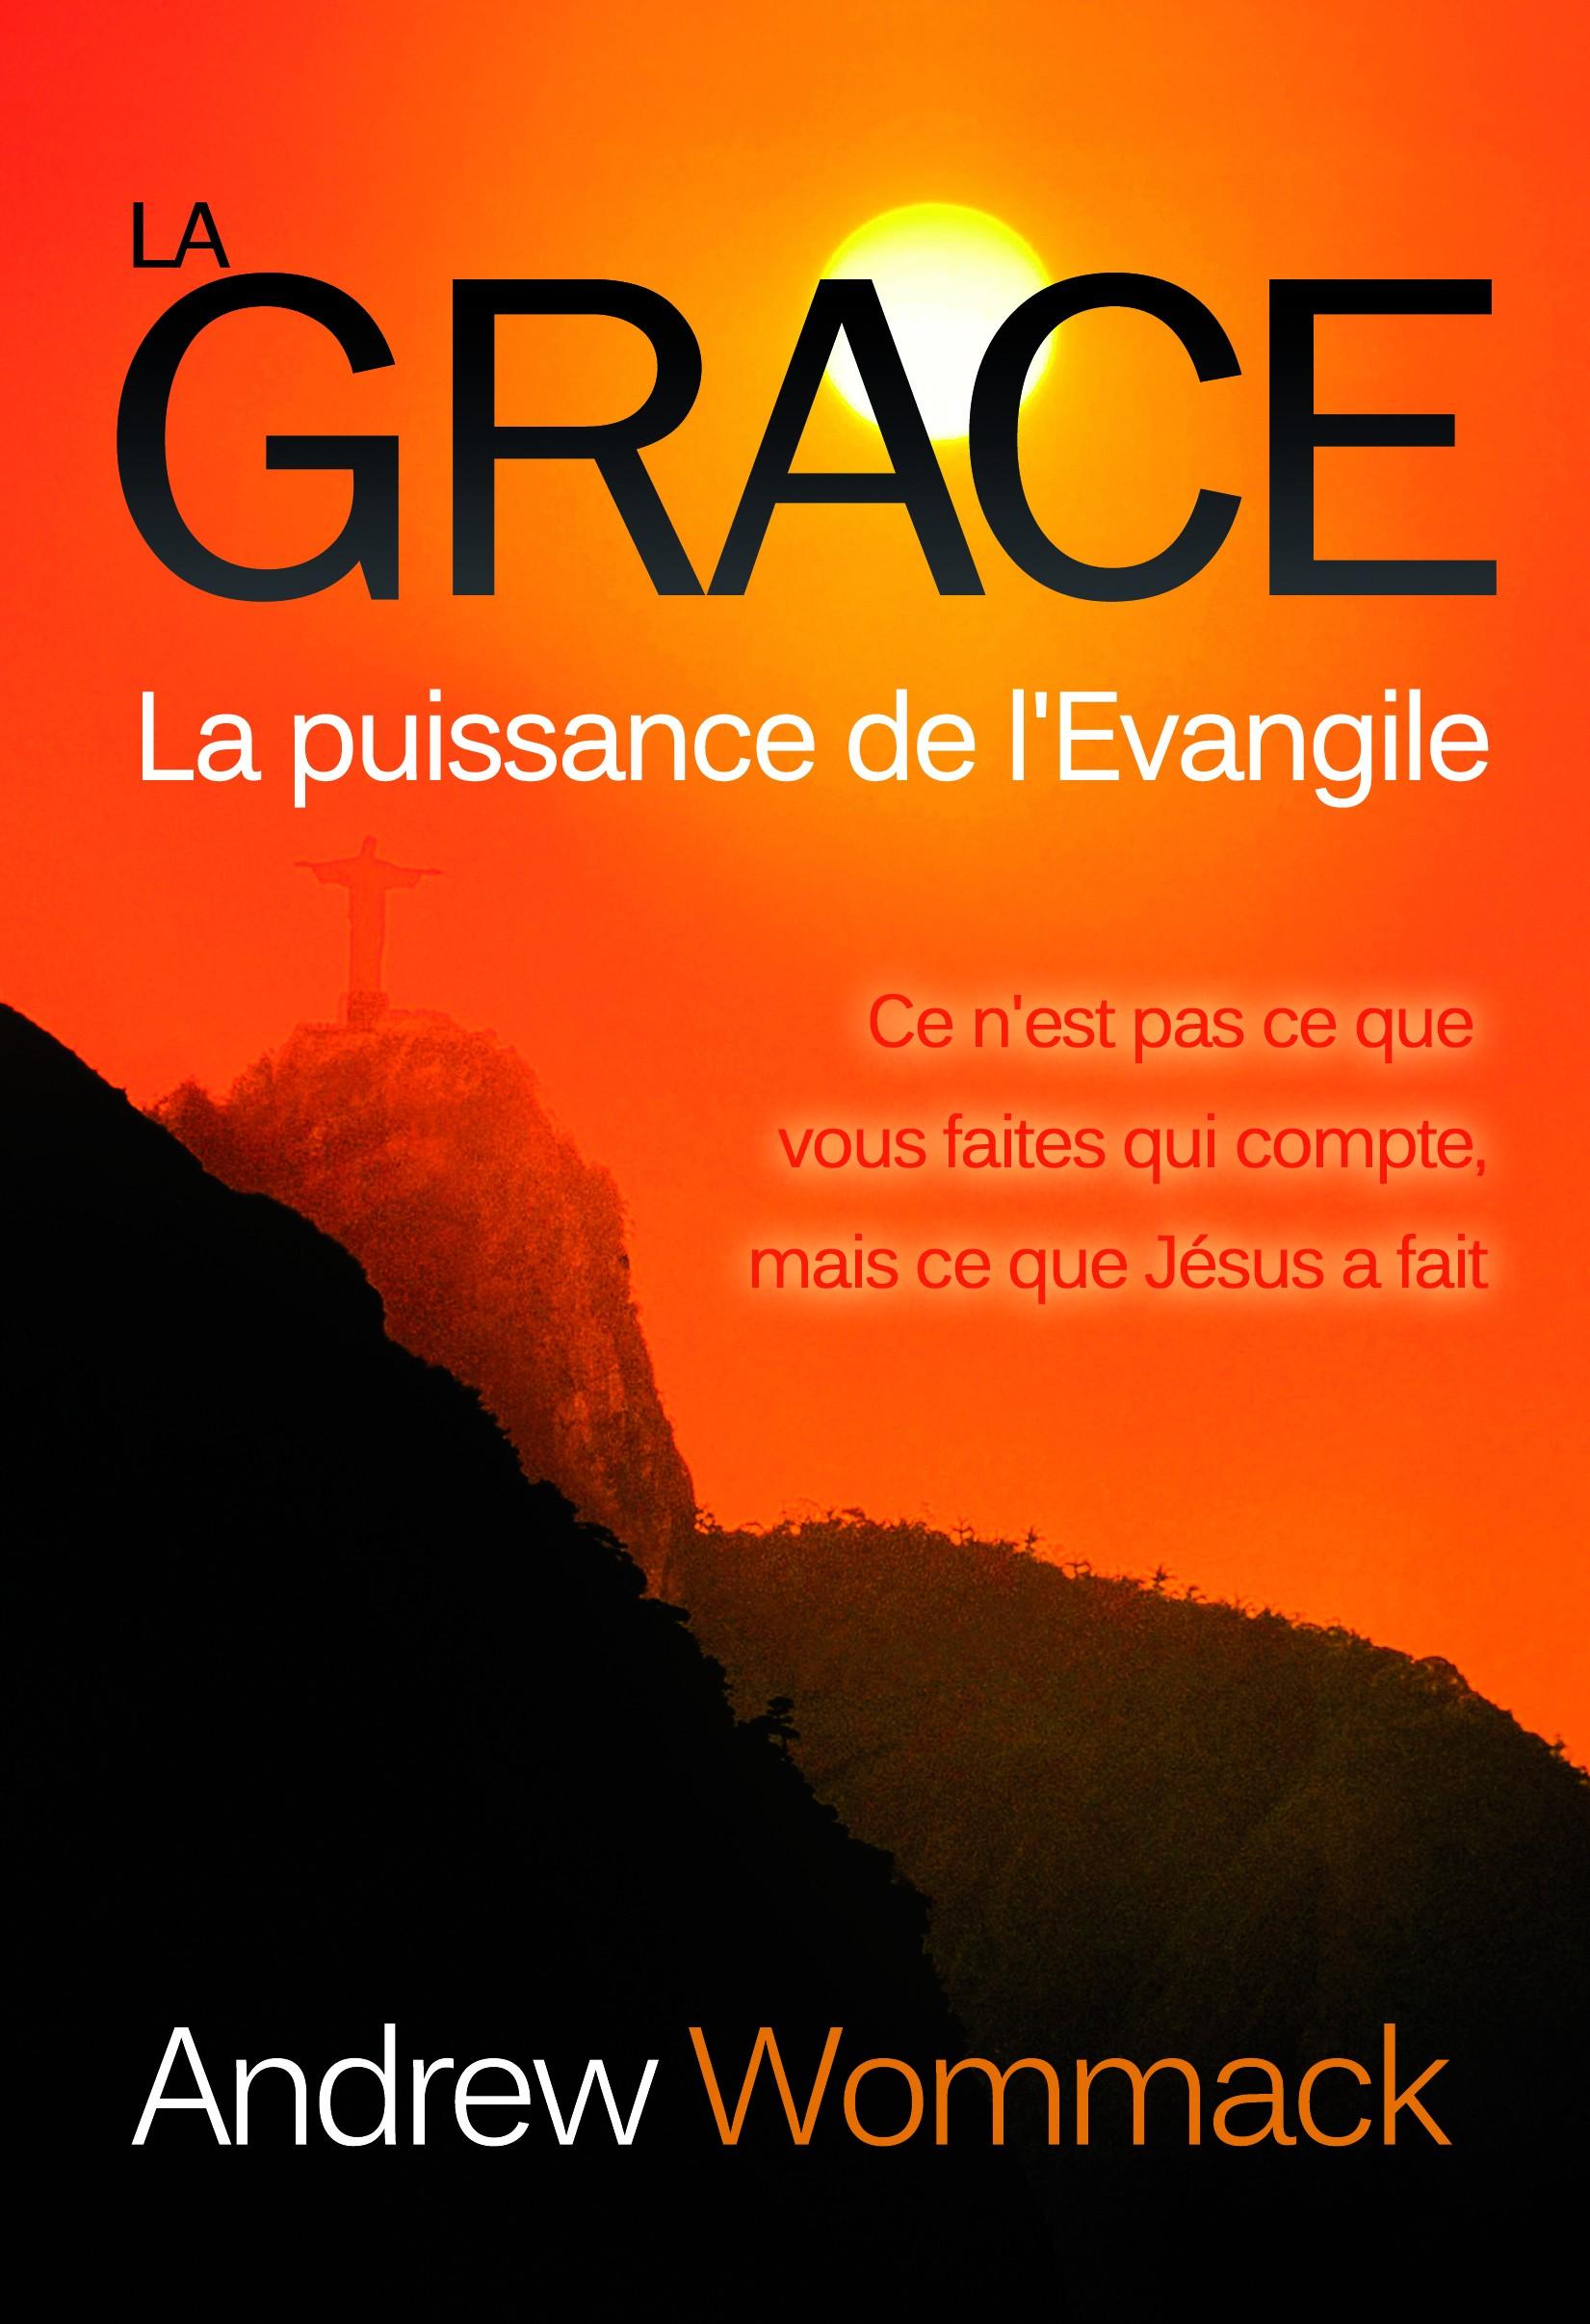 La grâce : la puissance de l'évangile